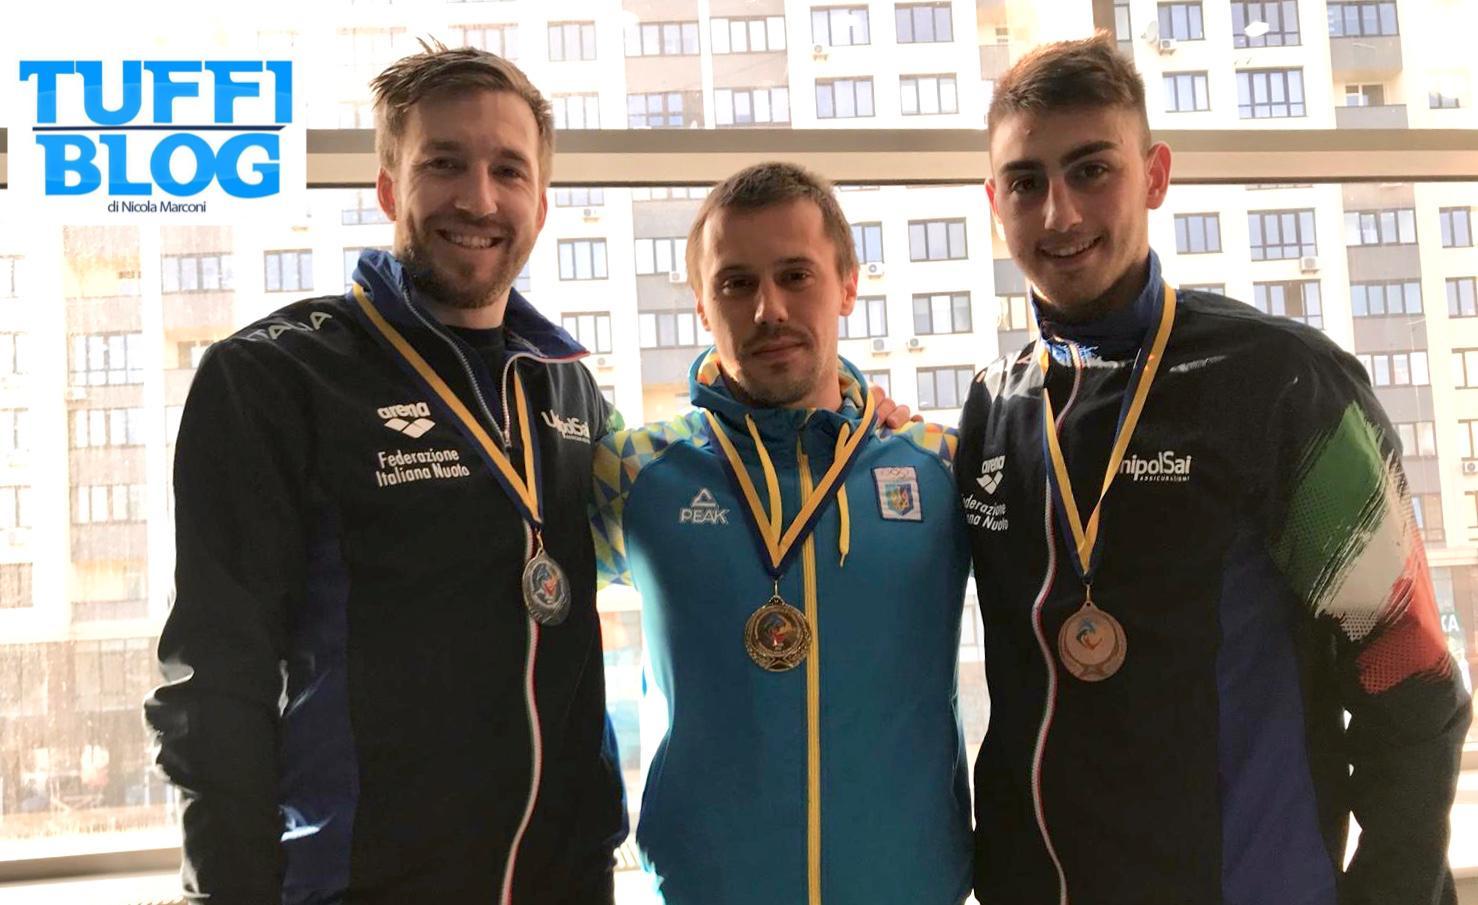 Ukranian Open: Kyiv - doppietta azzurra da 1 metro: argento per Auber, bronzo per Porco!